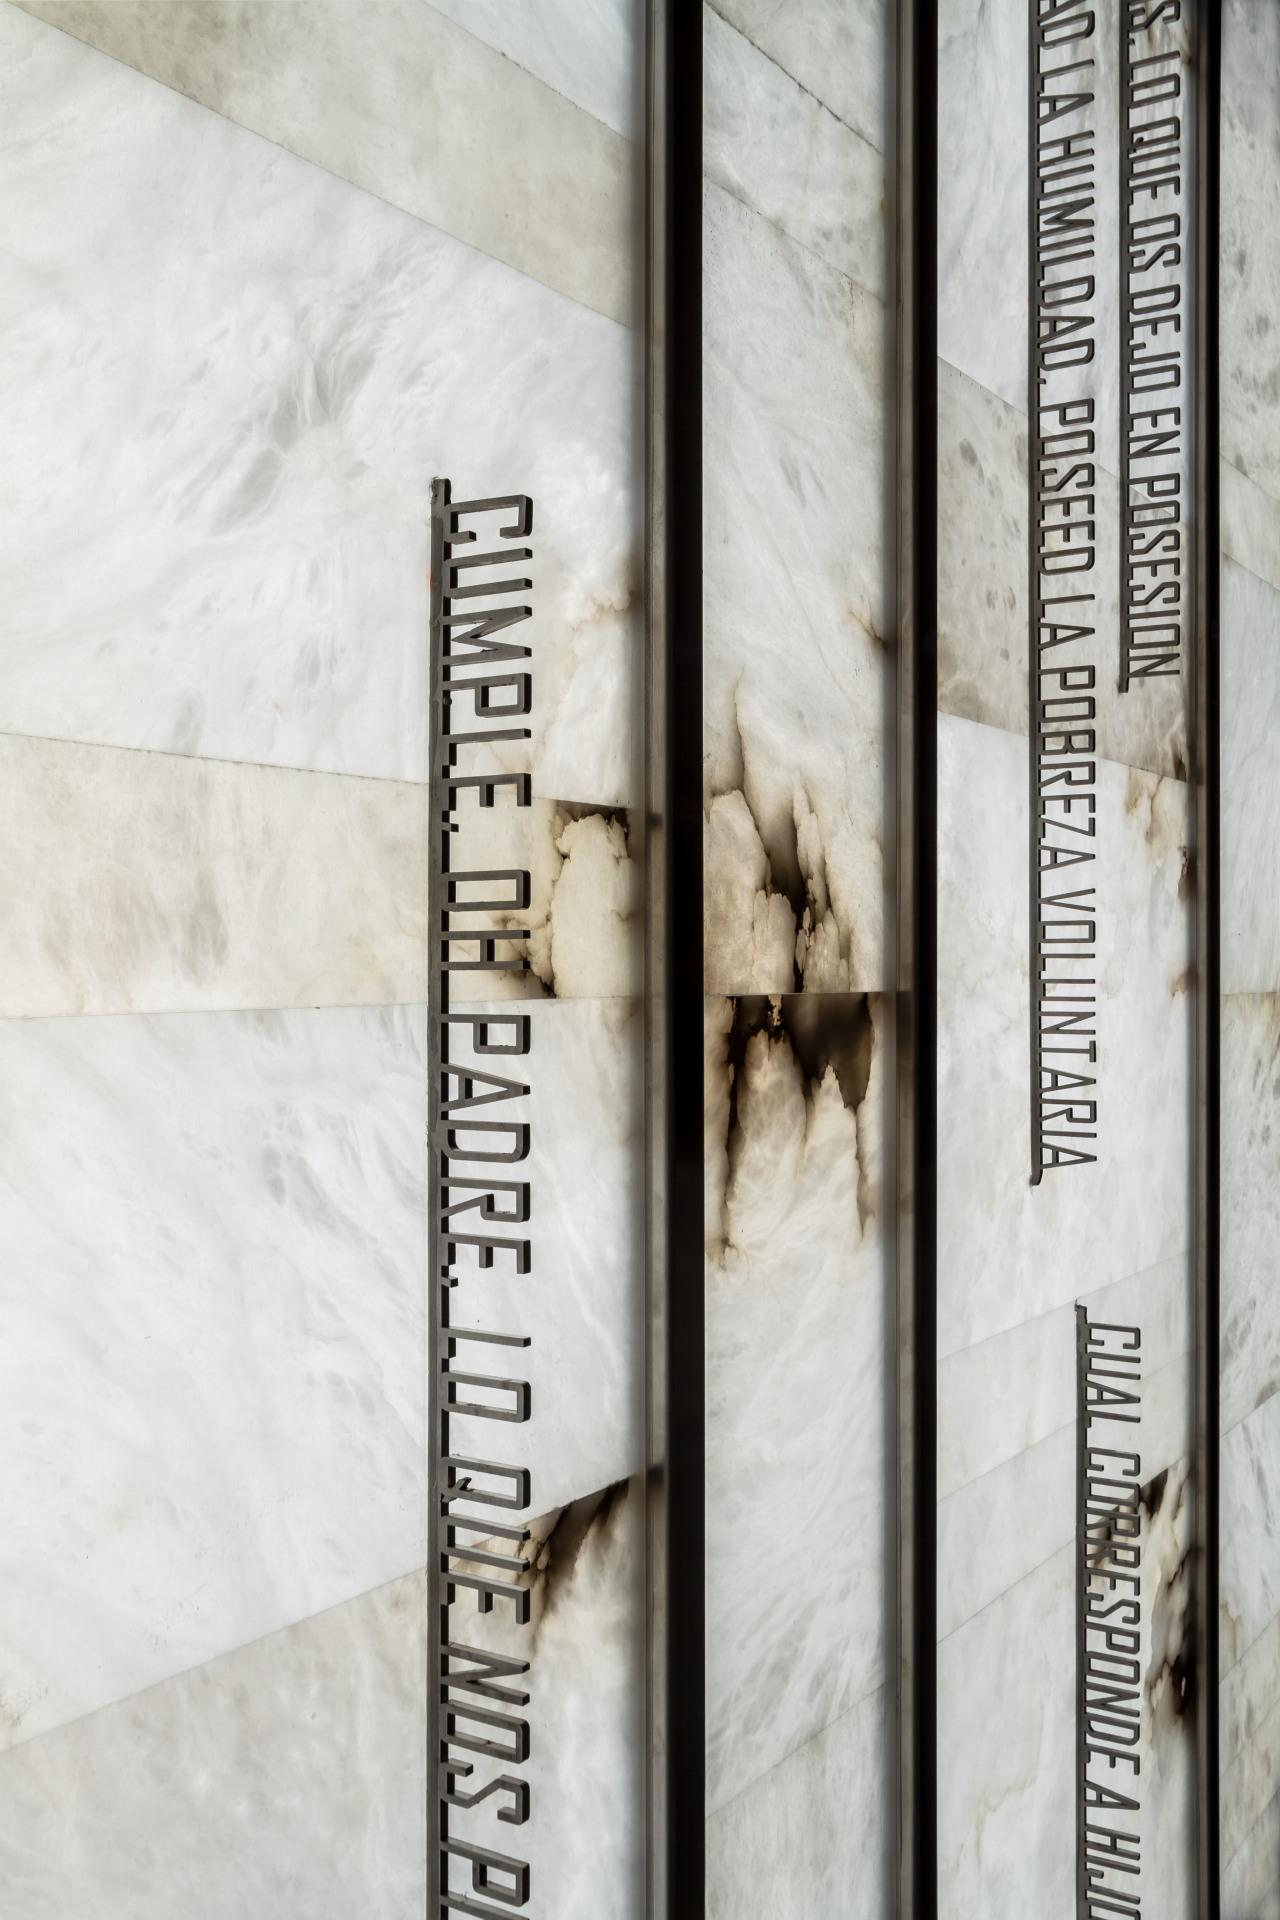 fotografia-arquitectura-valencia-german-cabo-hernandez-monasterio (52)